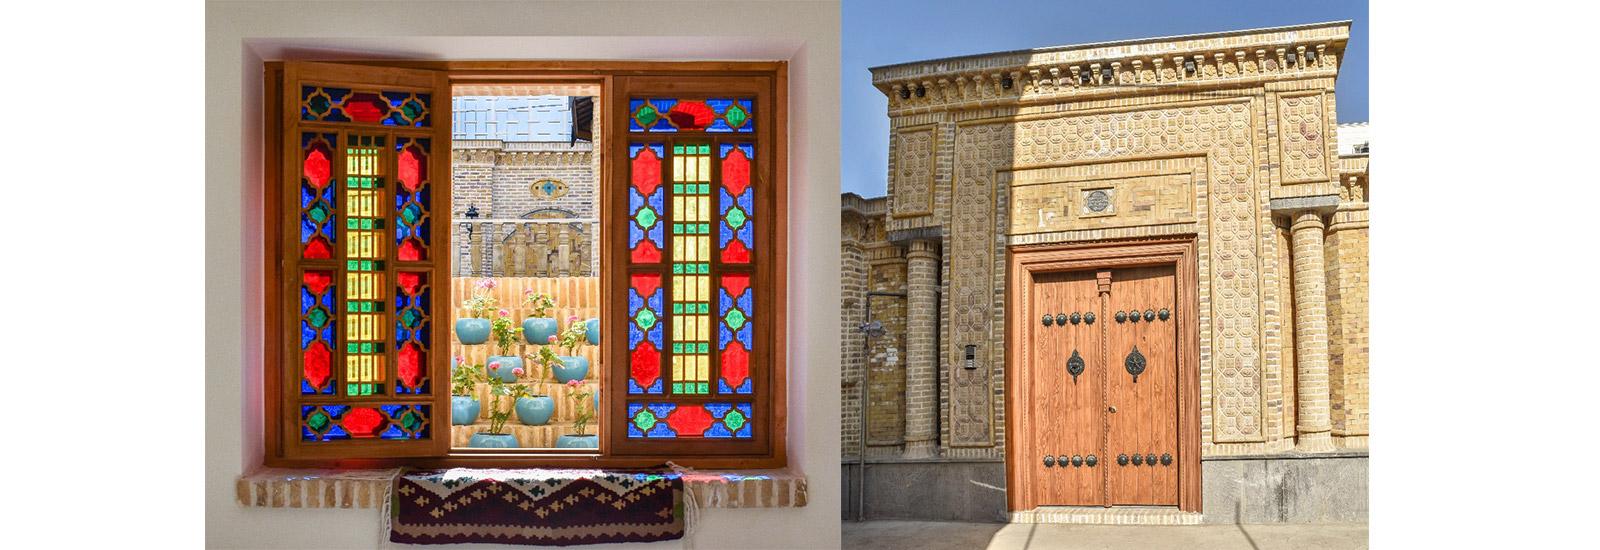 پروژه پنجره قواره بری با شیشه رنگی و چوبی ارسی و پروژه شخصی خیابان چمران مشهد- ایران